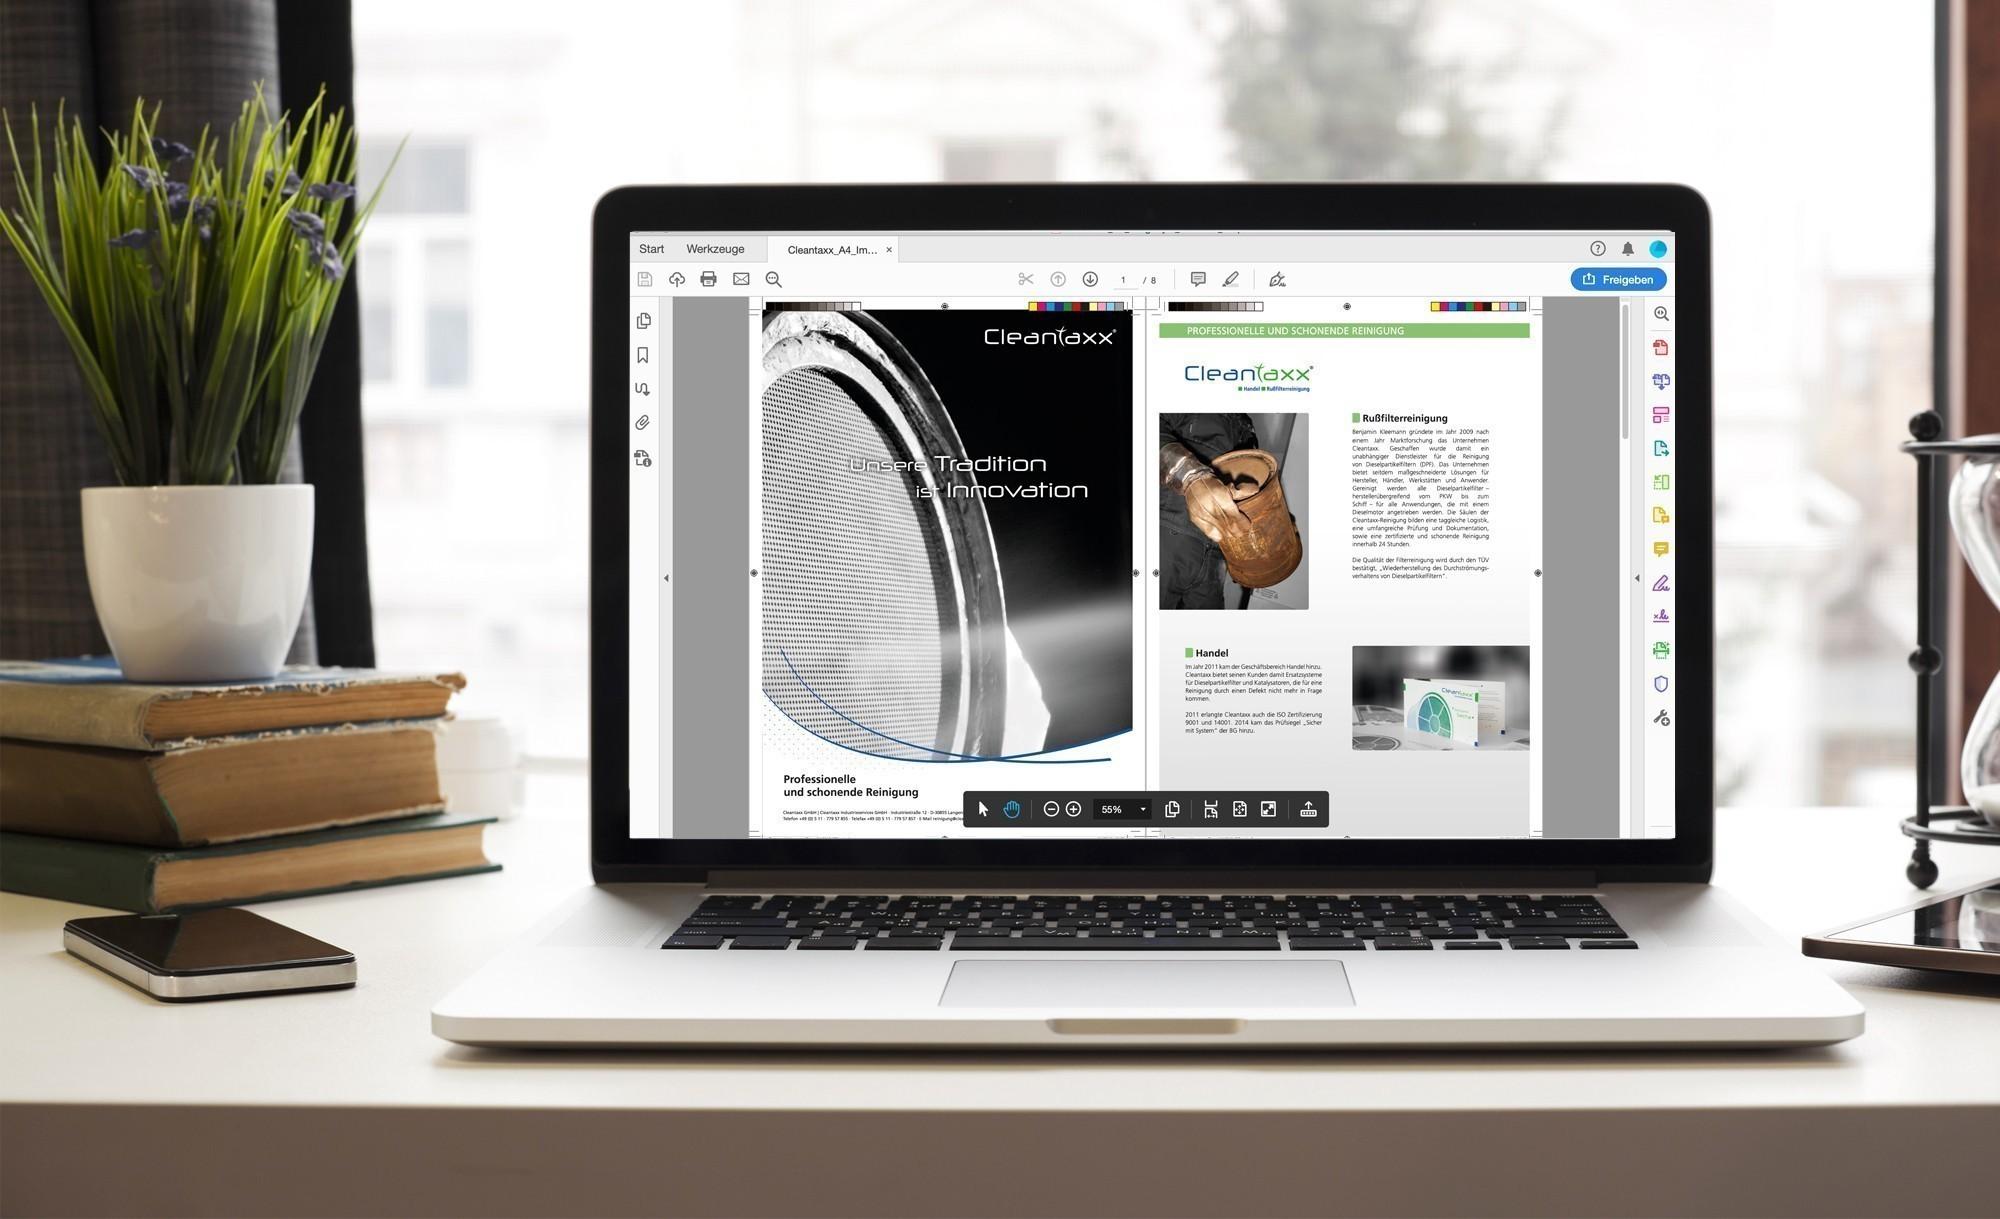 Partikelfilter Reinigung Mediathek | Cleantaxx GmbH